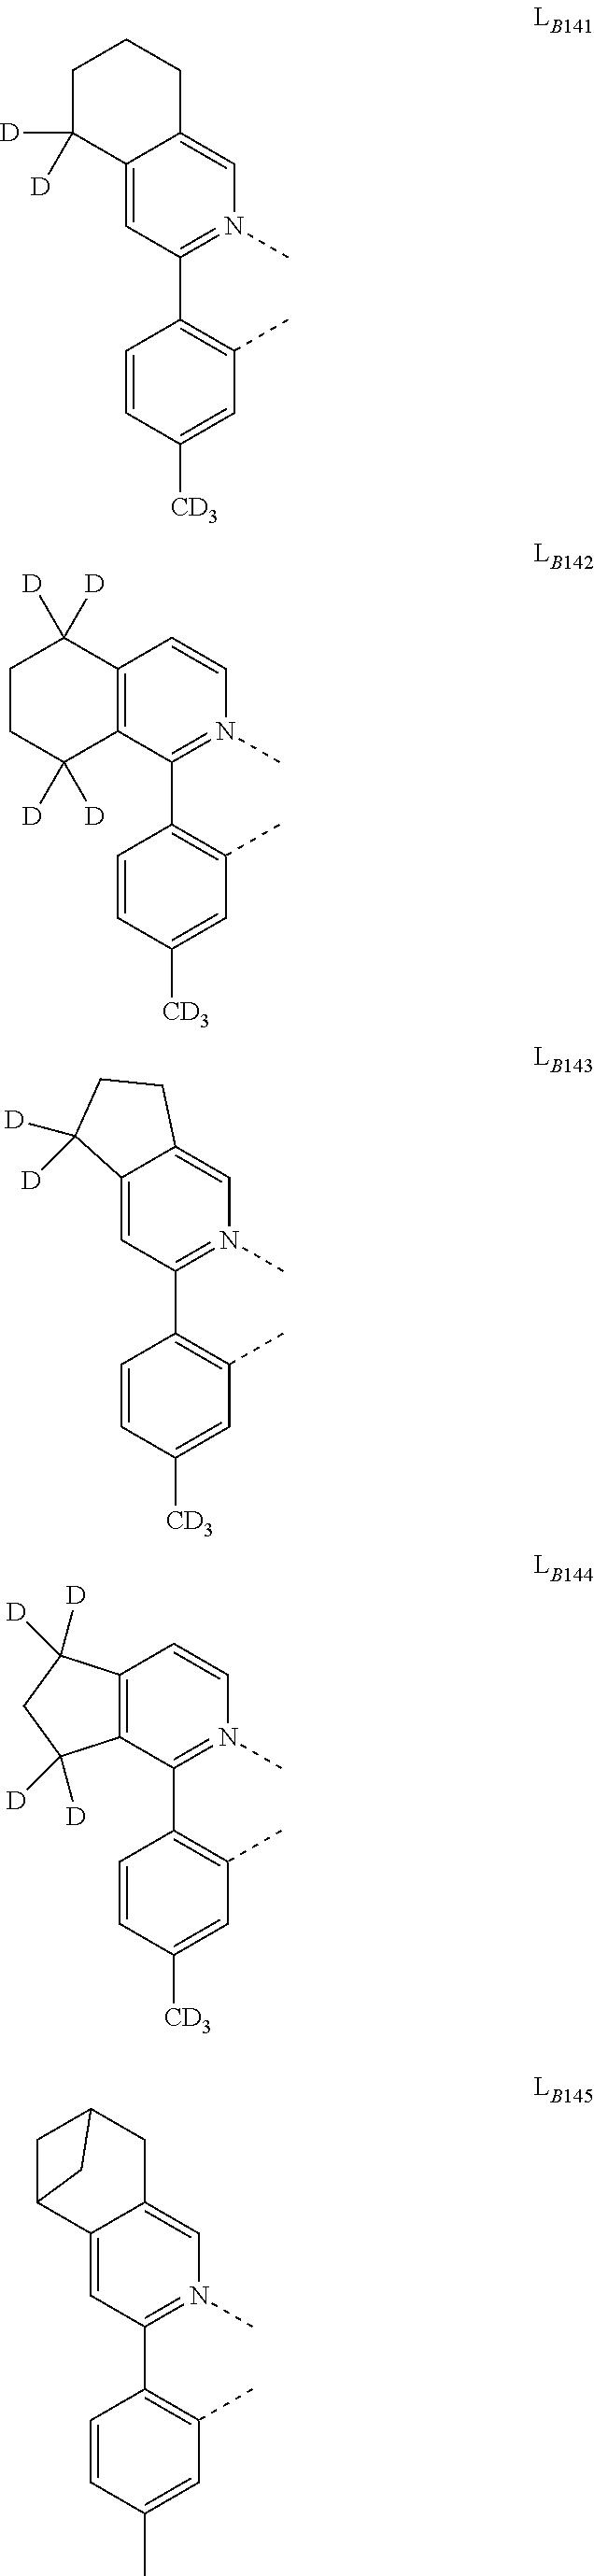 Figure US20180130962A1-20180510-C00094